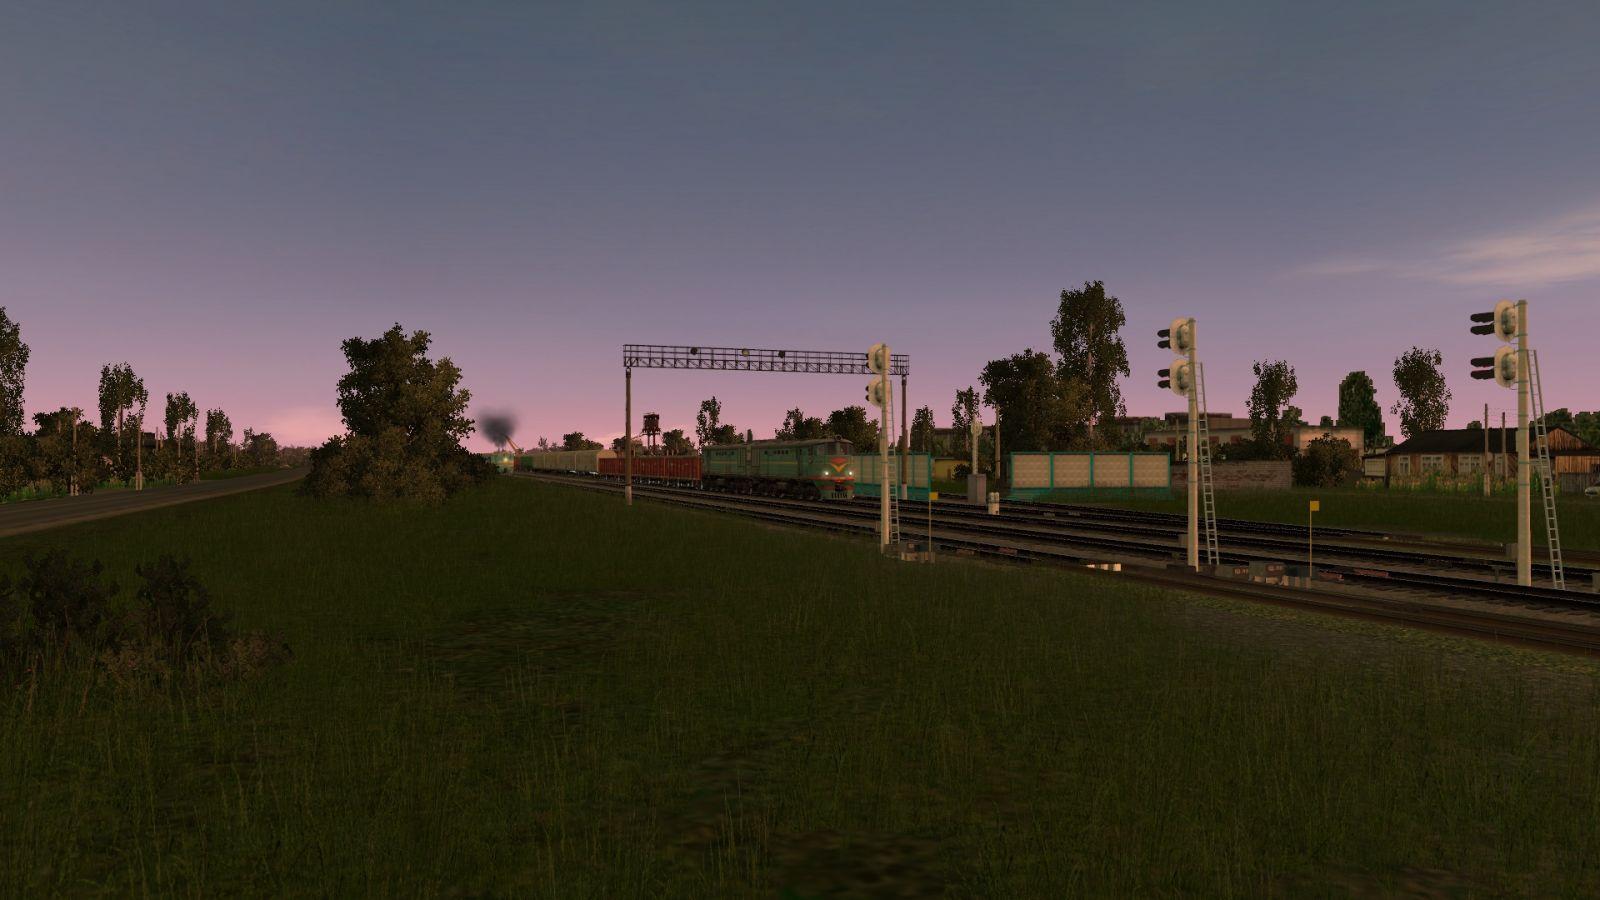 Локомотив ТЭ3 с грузовым поездом.